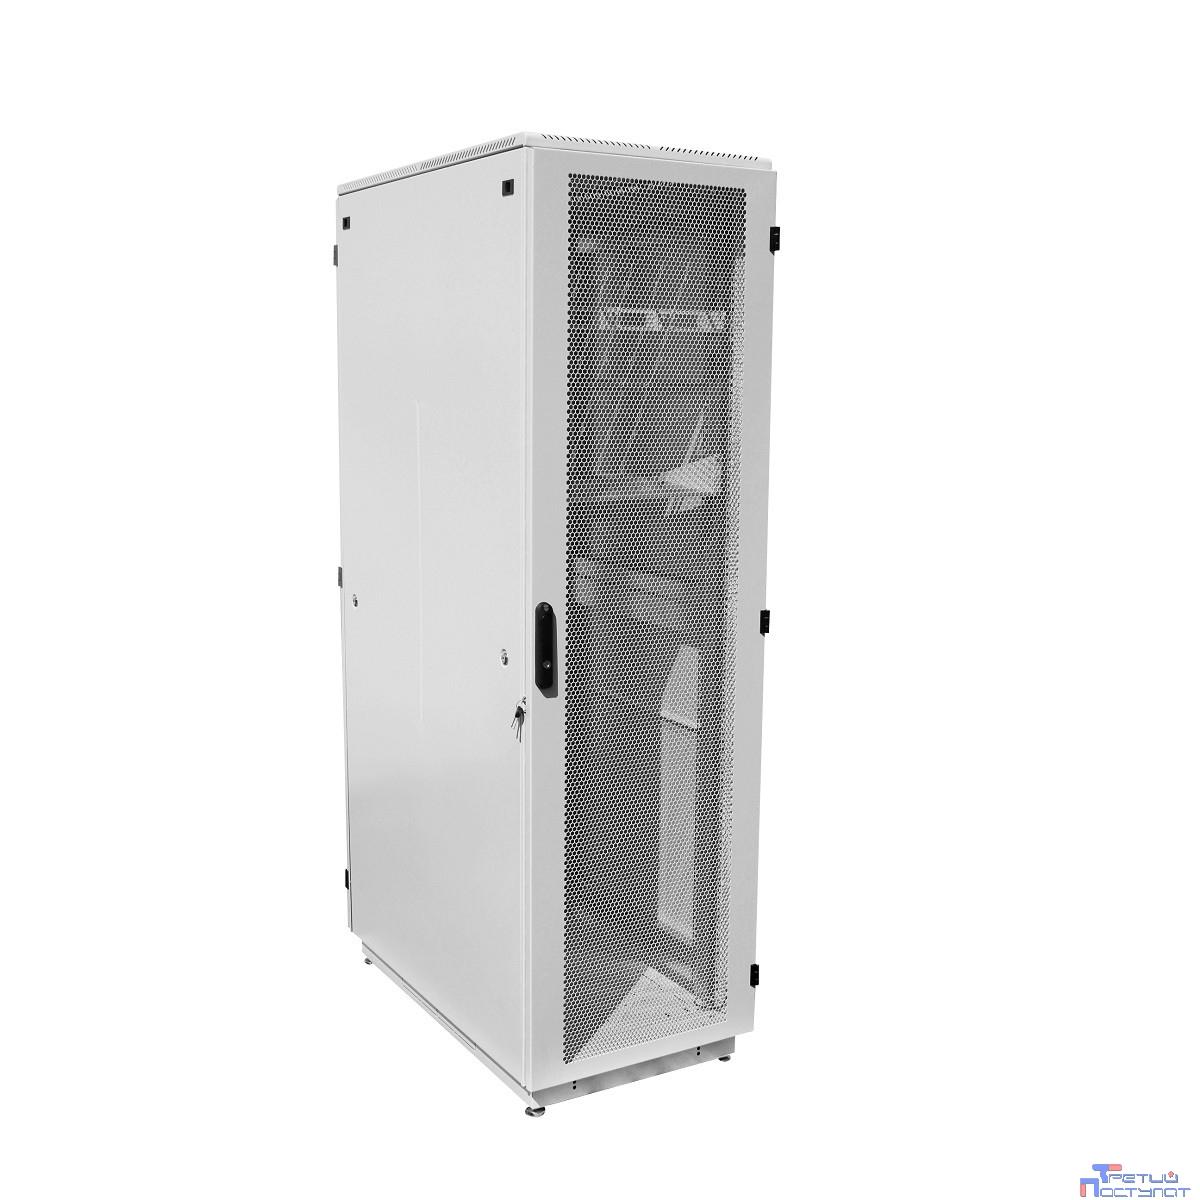 ЦМО! Шкаф телеком. напольный 42U (600x600) дверь перфорированная (ШТК-М-42.6.6-4ААА) (3 коробки)